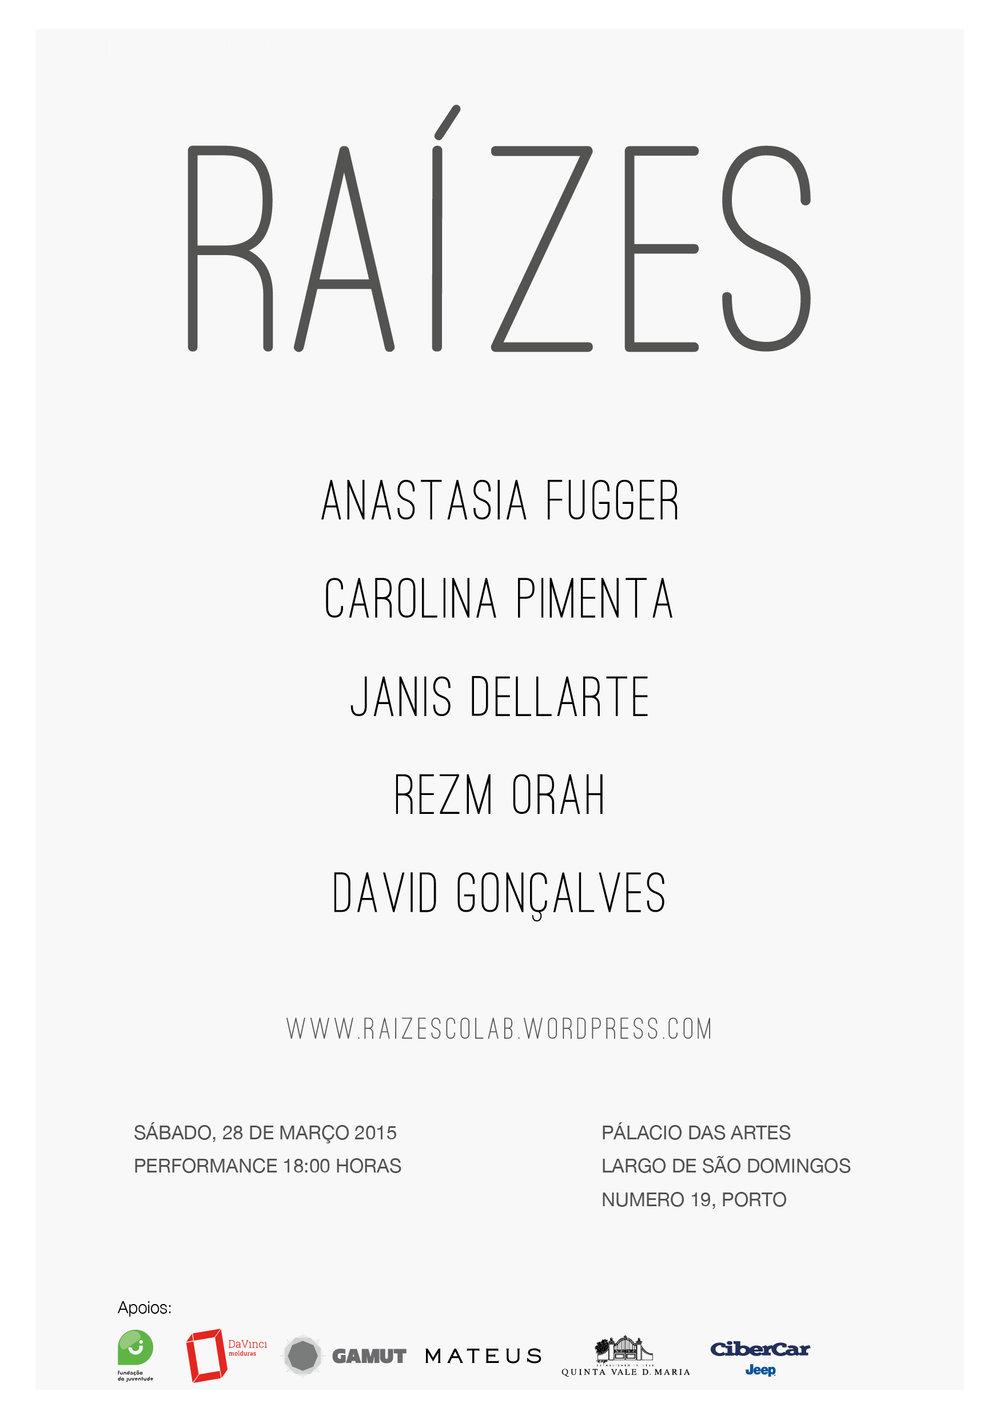 razies-convite-2-1.jpg